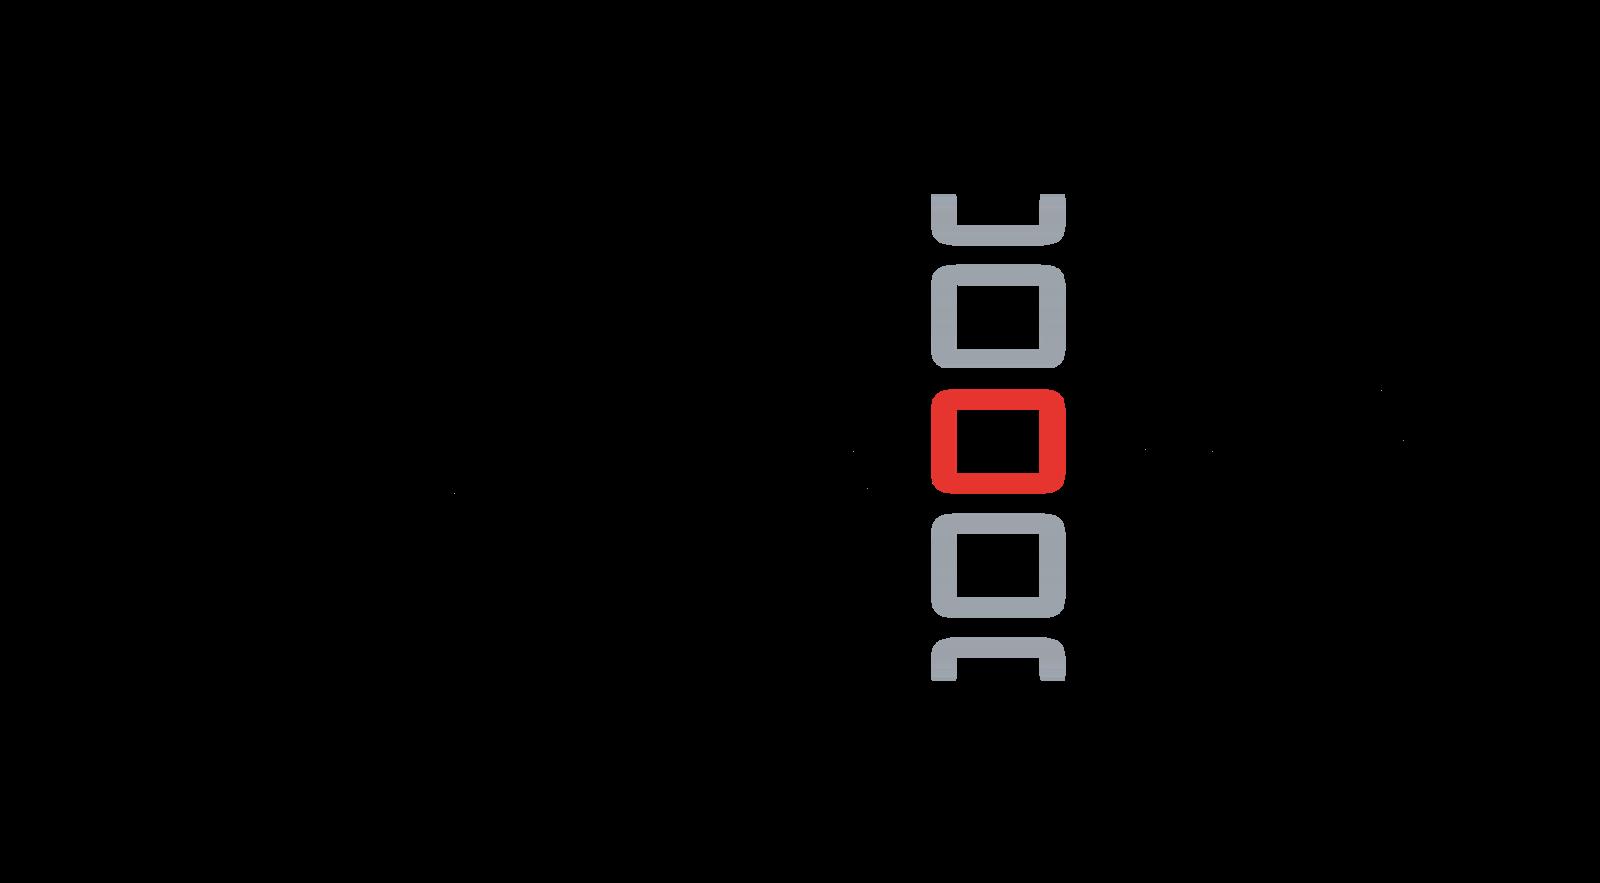 Картинка программы для монтирования видео на ютуб